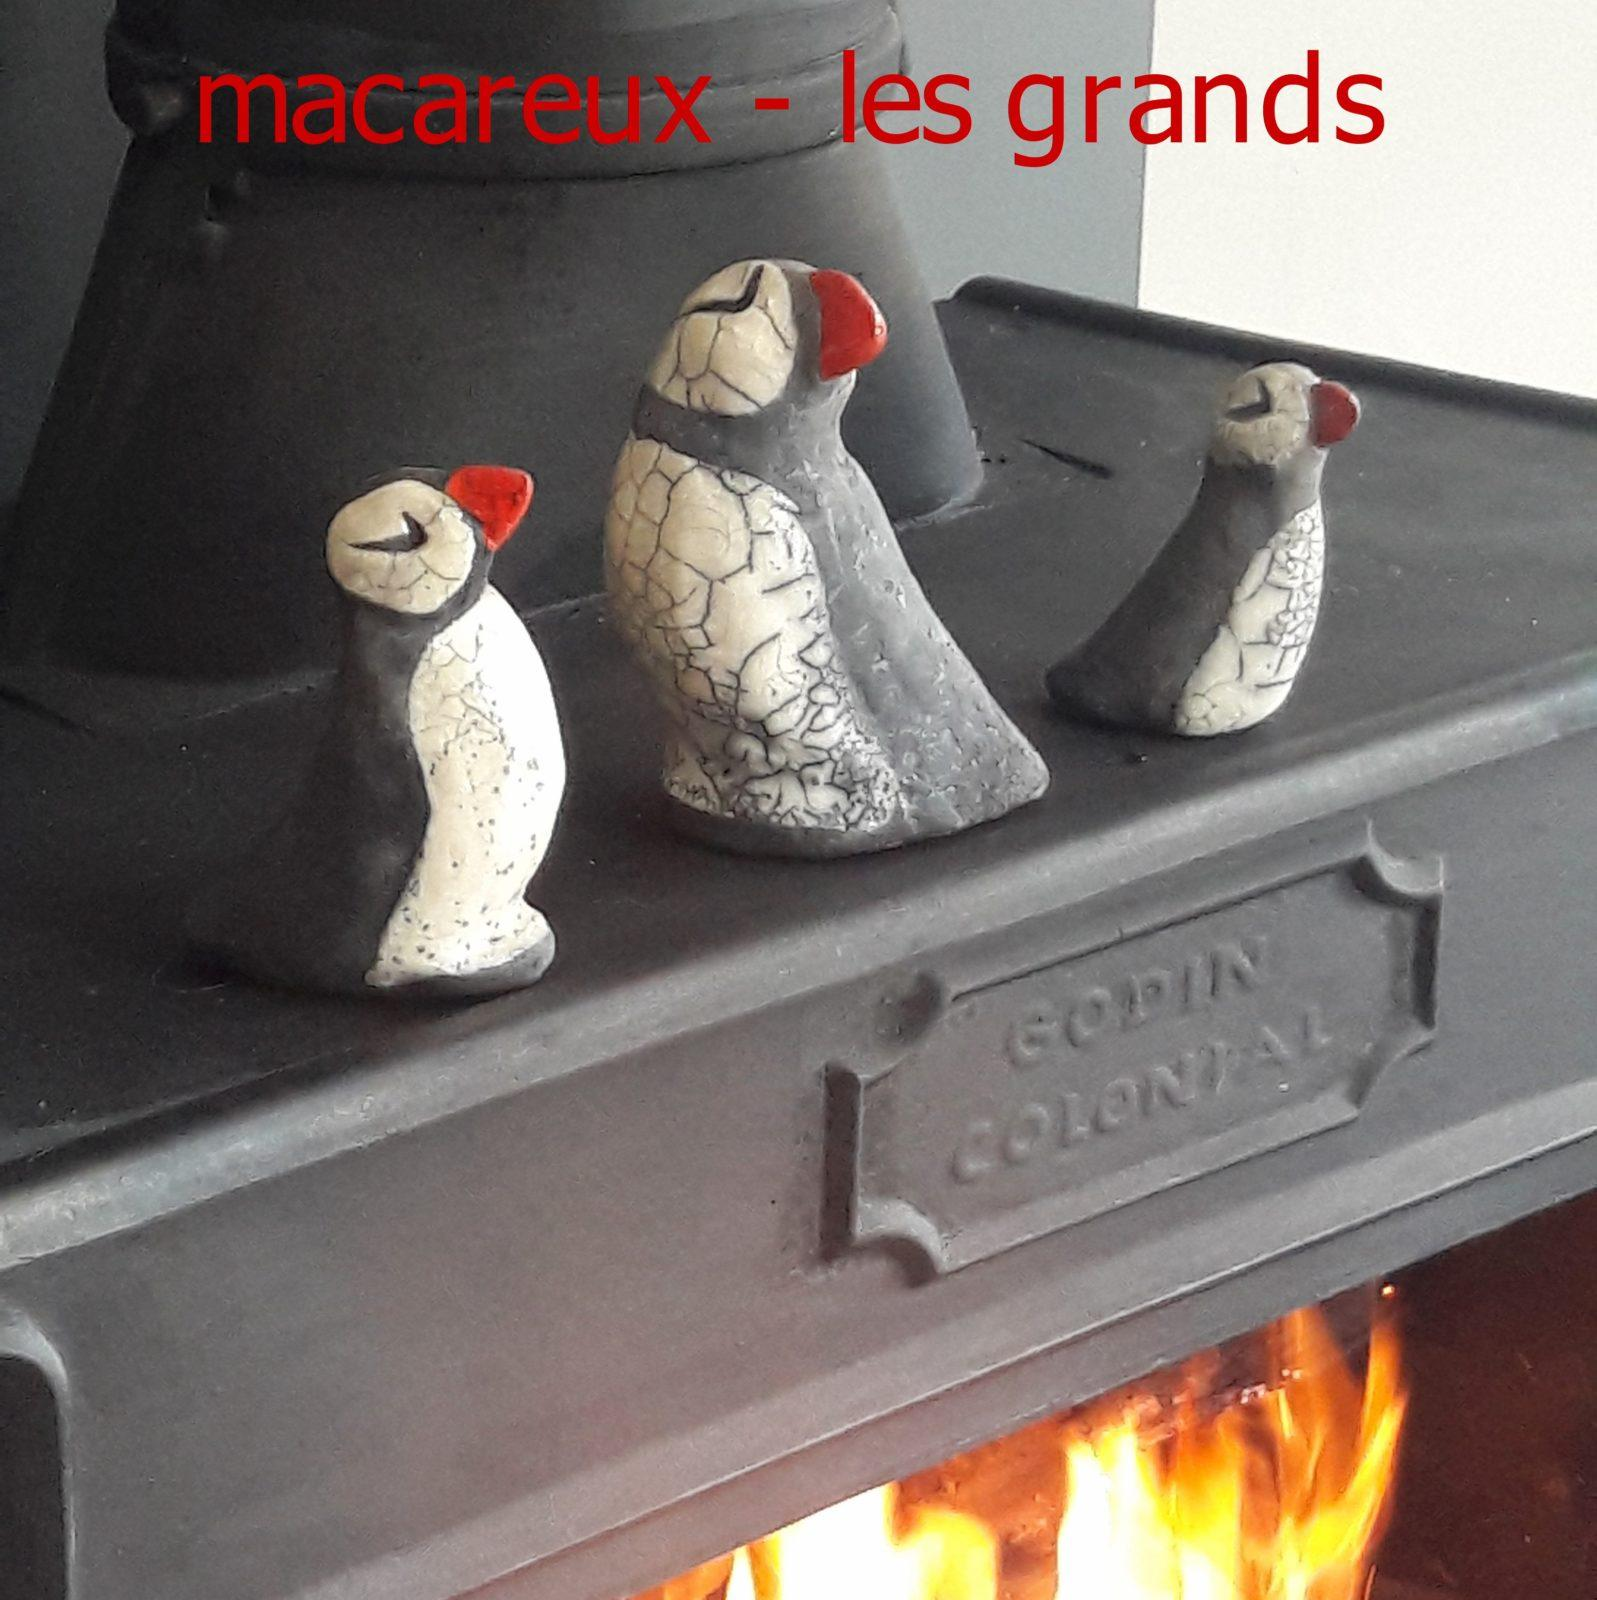 macareux keramik raku